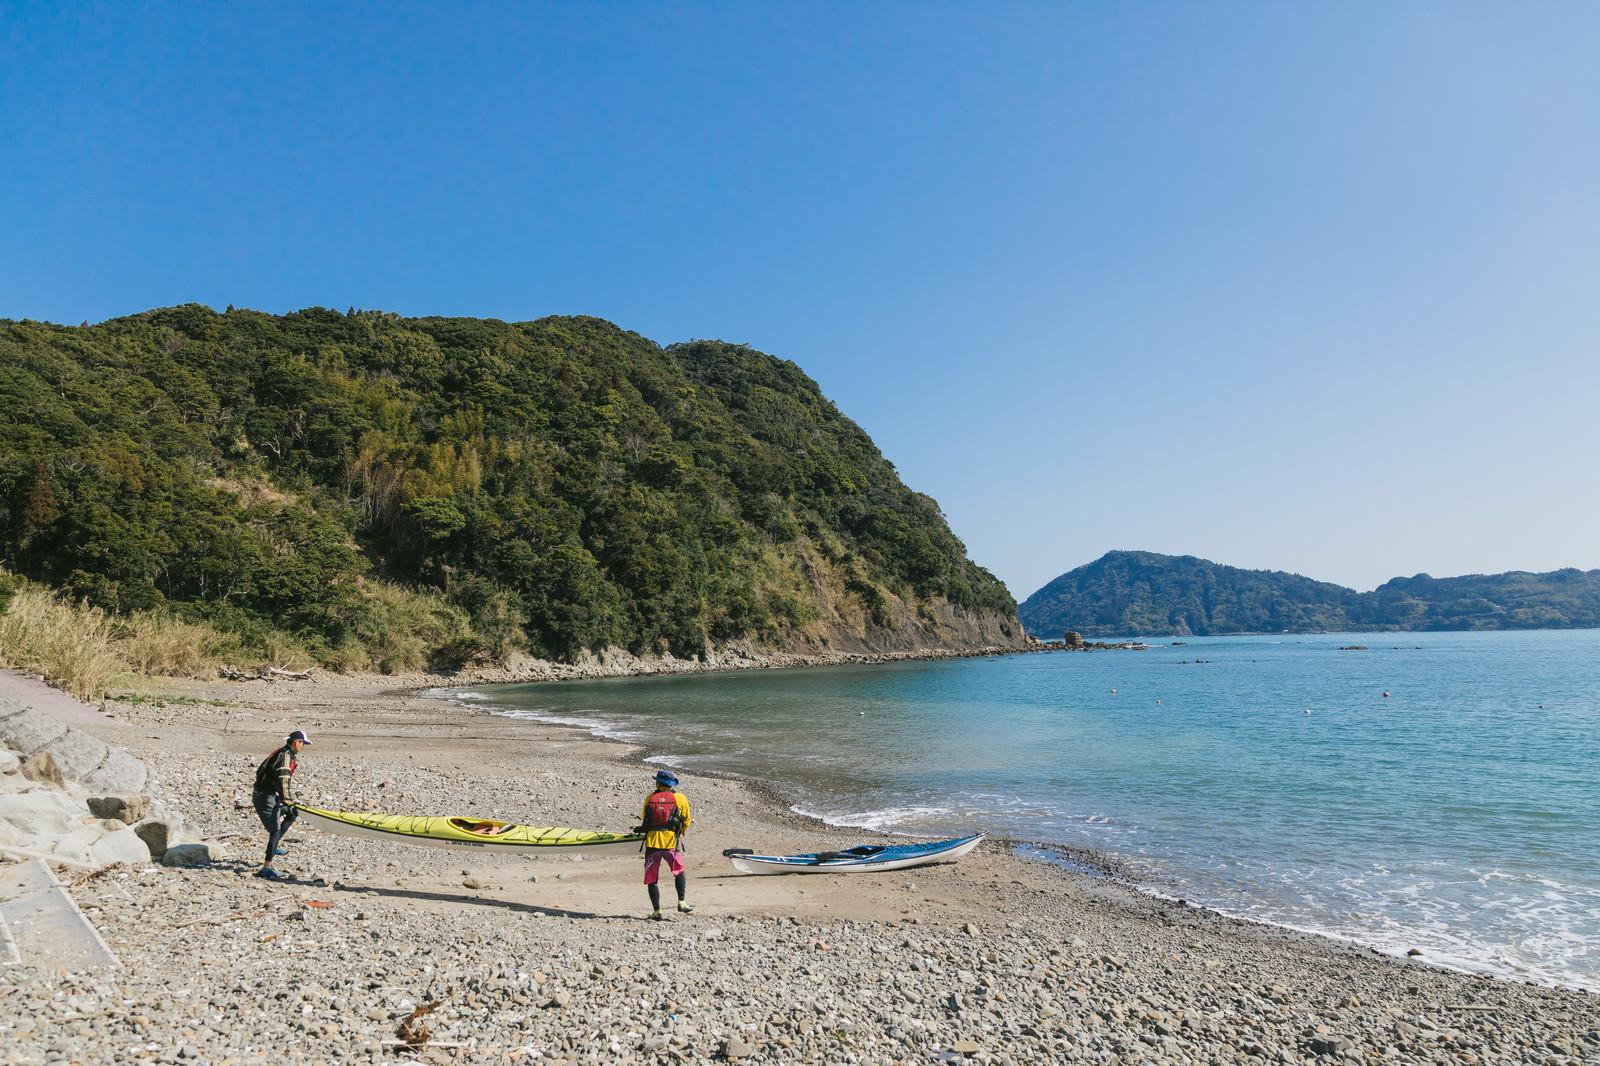 「栄松ビーチでシーカヤックの準備をする2人 | 写真の無料素材・フリー素材 - ぱくたそ」の写真